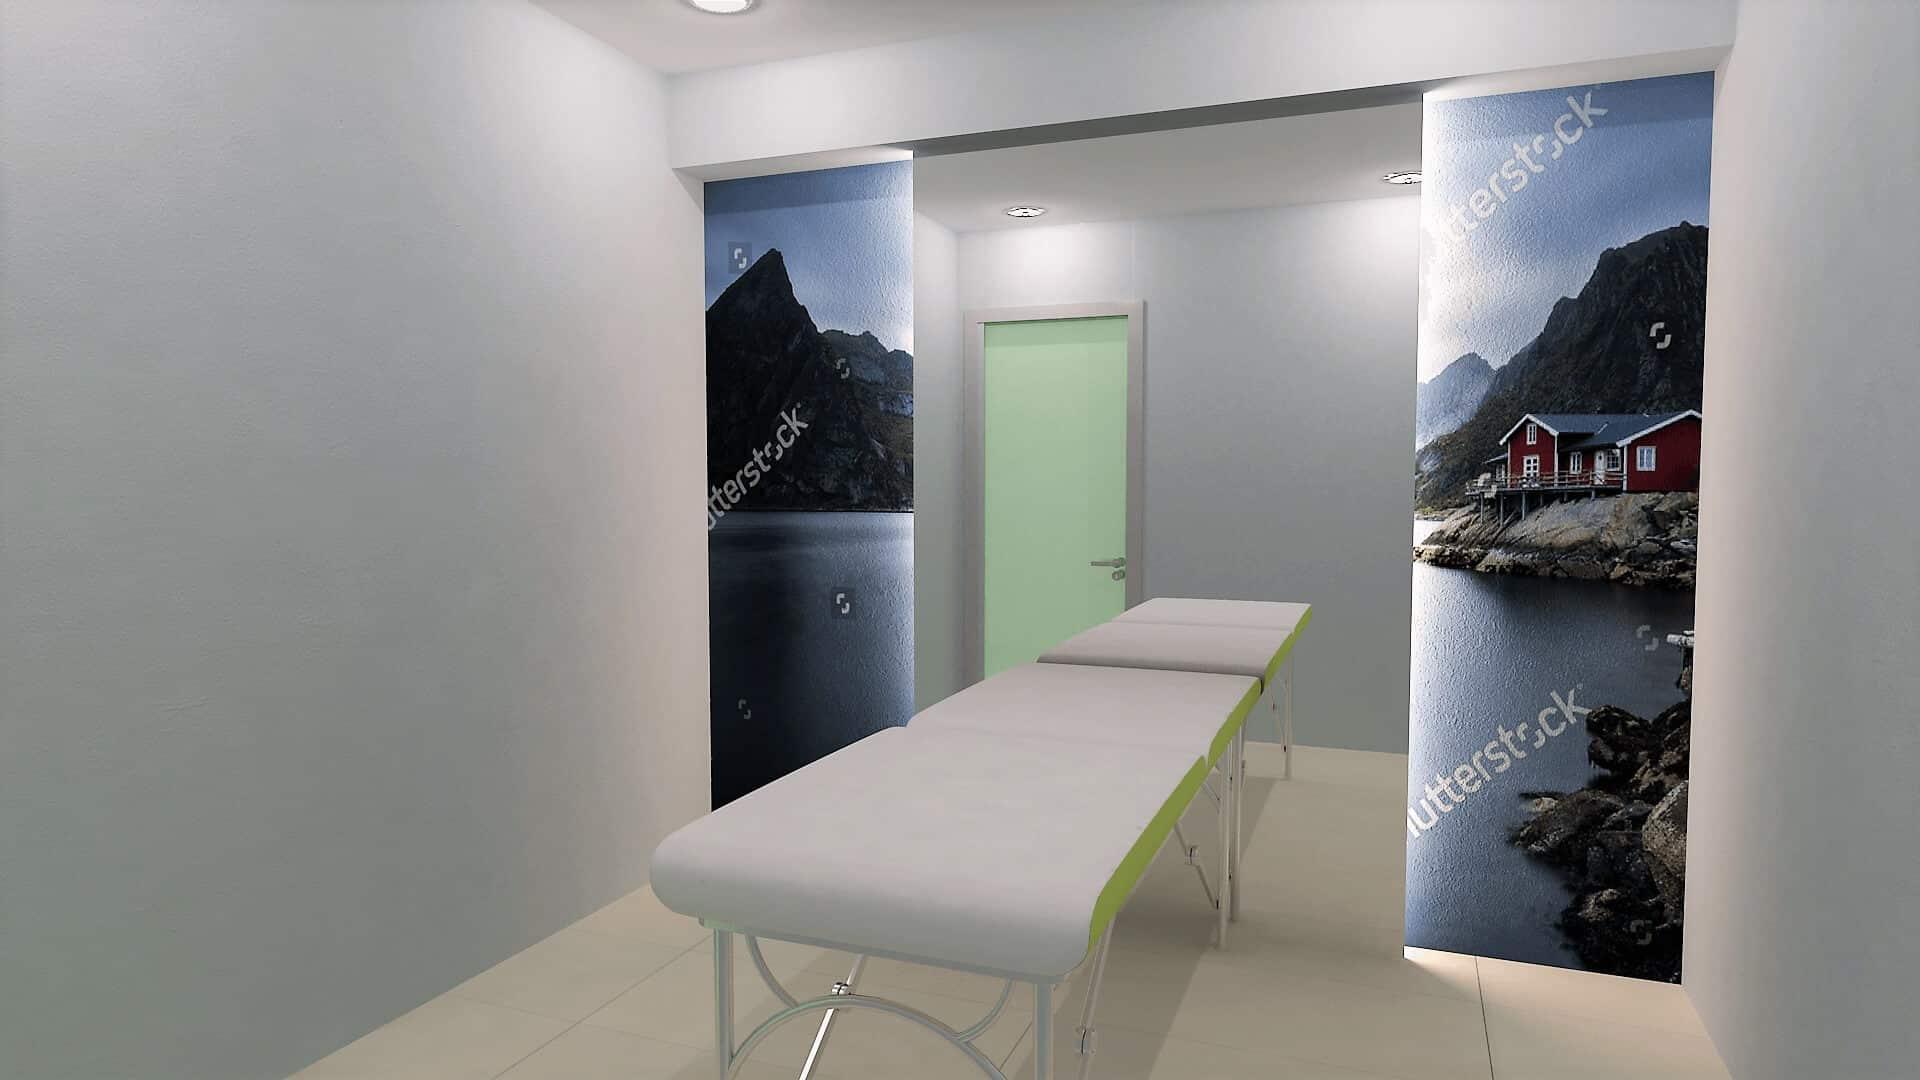 Σχεδιασμός εξοπλισμού φυσικοθεραπευτηρίου στο Πικέρμι